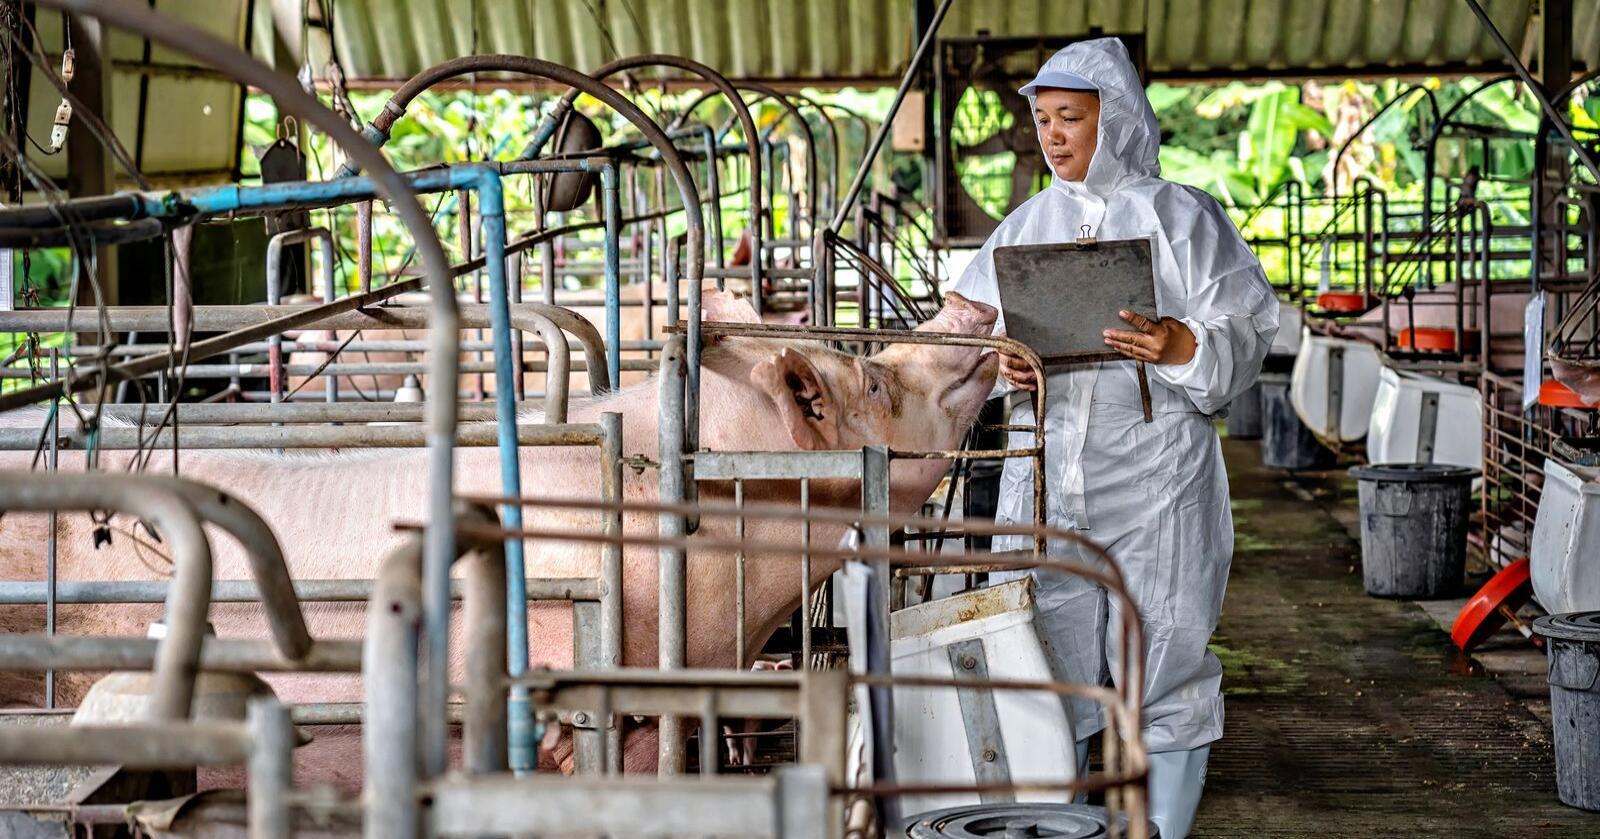 Koronautbruddet i Kina la en demper på både handel, restaurantbesøk, innkjøp og transport. Nå er Kina gjenåpnet - og med det er også etterspørselen etter svinekjøtt tilbake. På bildet sees en smitetvernkontroll på en kinesisk svinegård. Foto: Shutterstock/TZIDO SUN